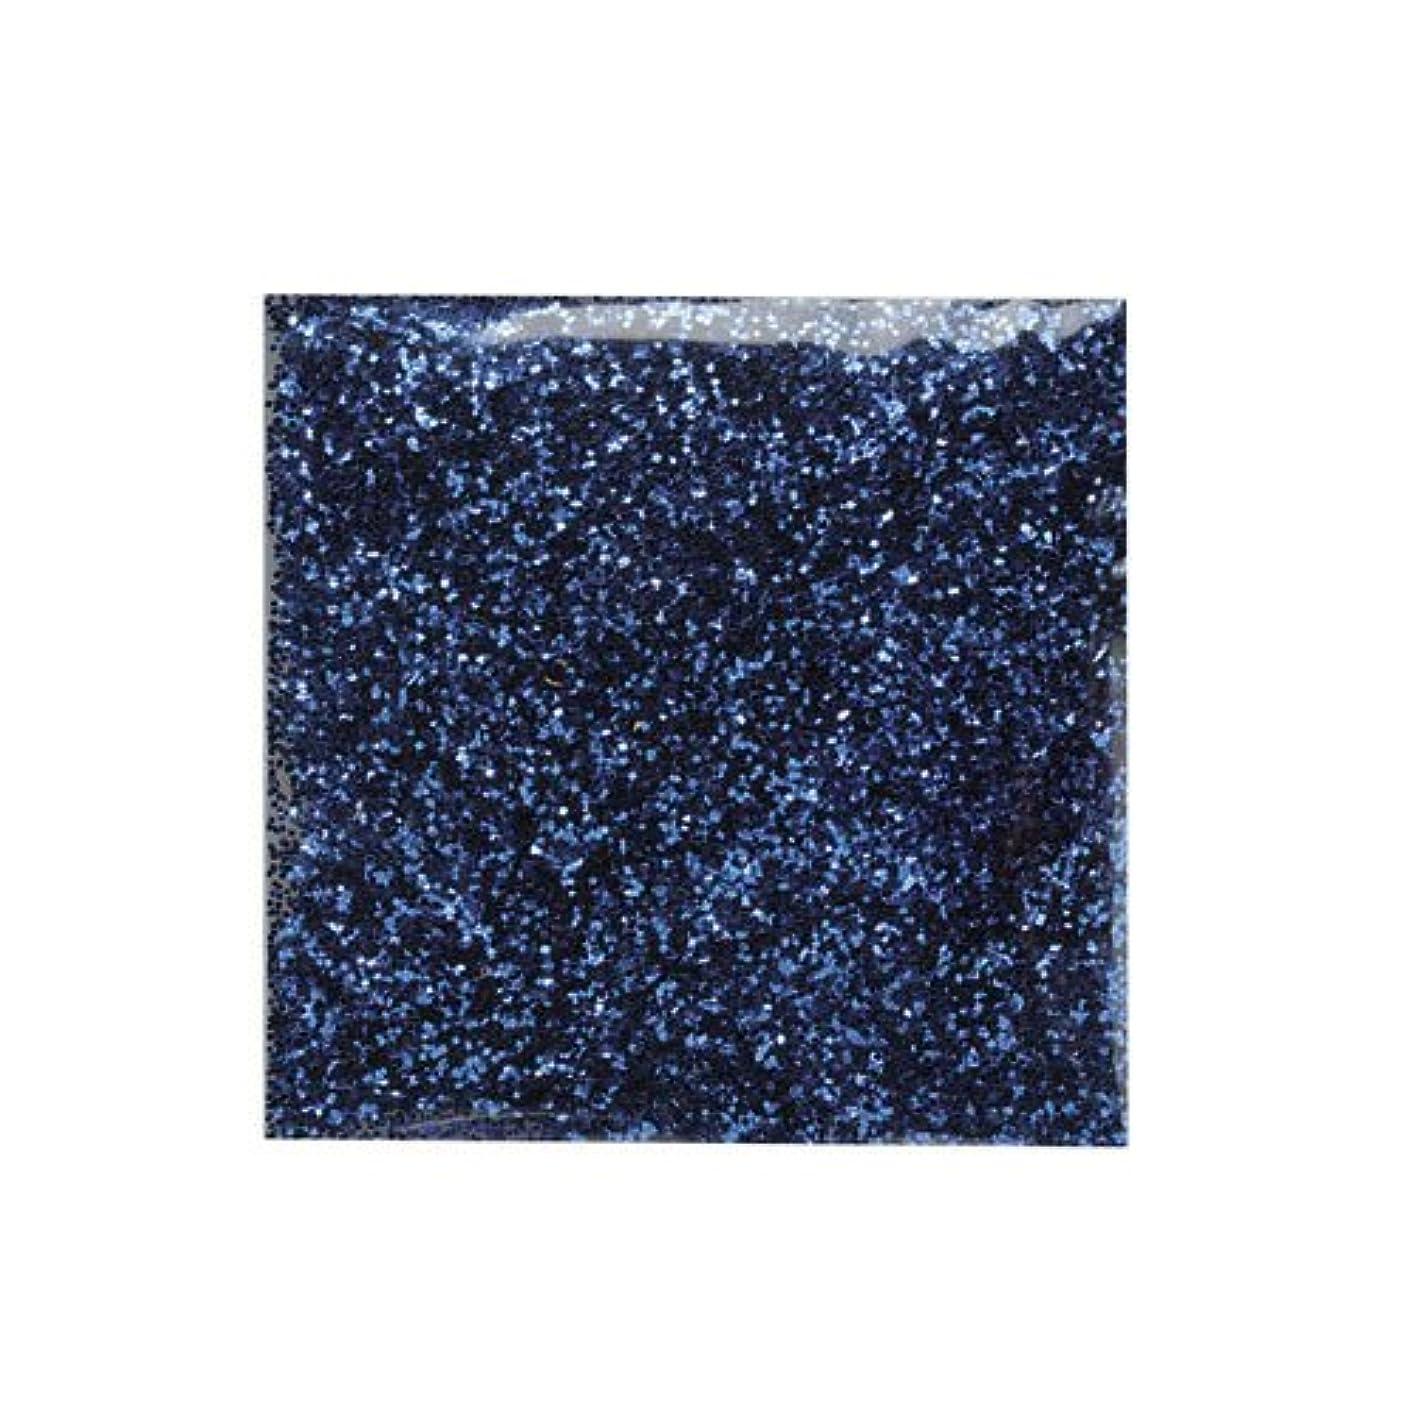 かすれたクラシカル機械的にピカエース ネイル用パウダー ピカエース ラメメタリック M #536 ブルー 2g アート材